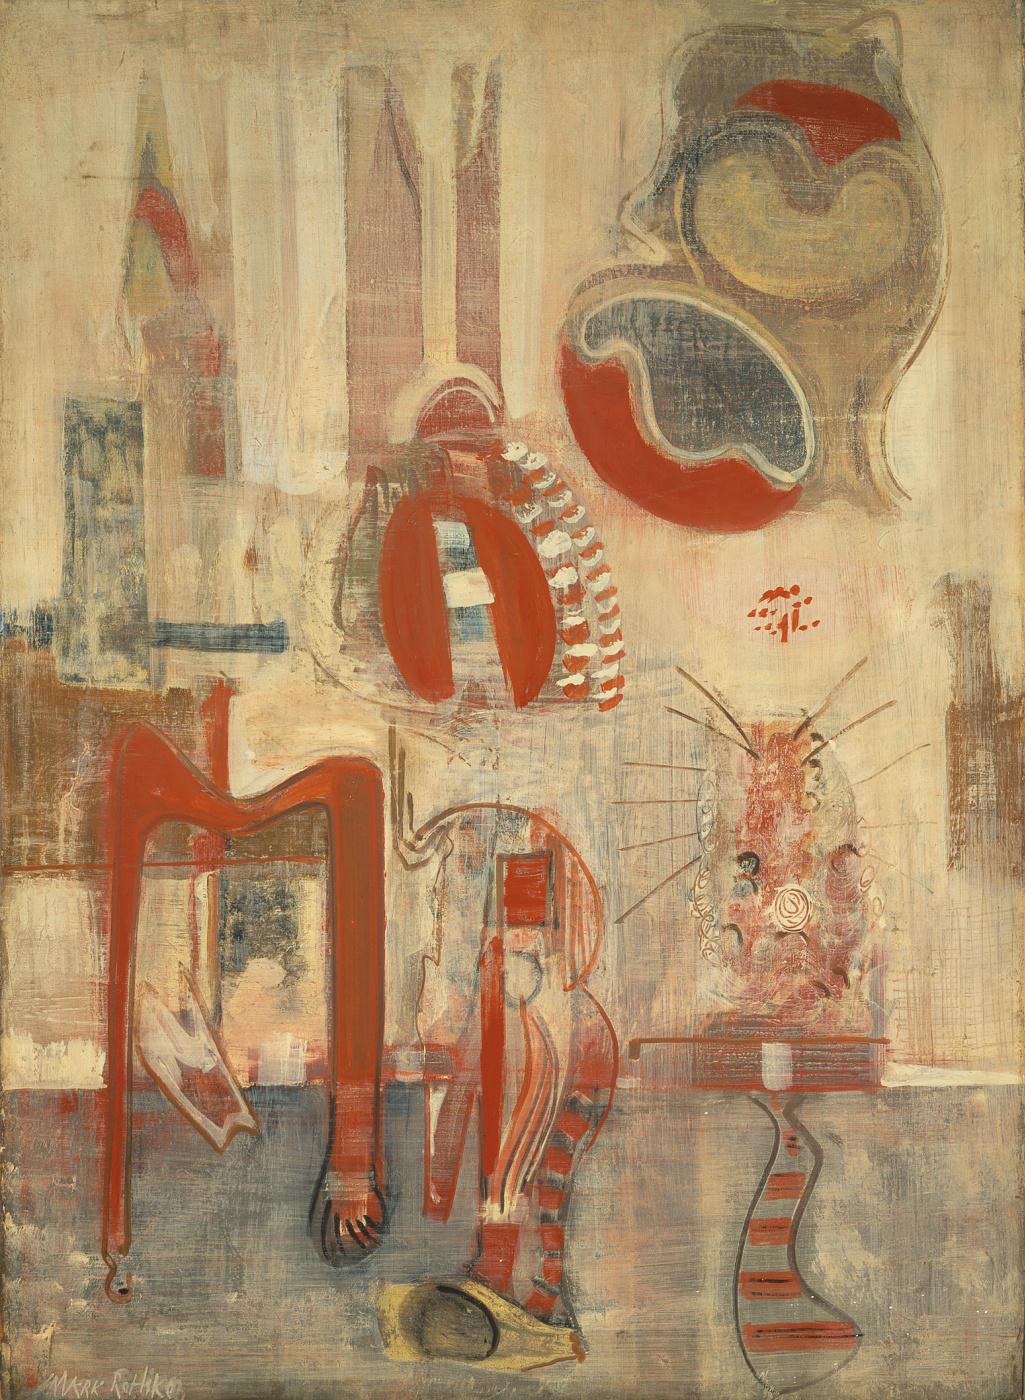 Rothko Mark. Room in Karnak